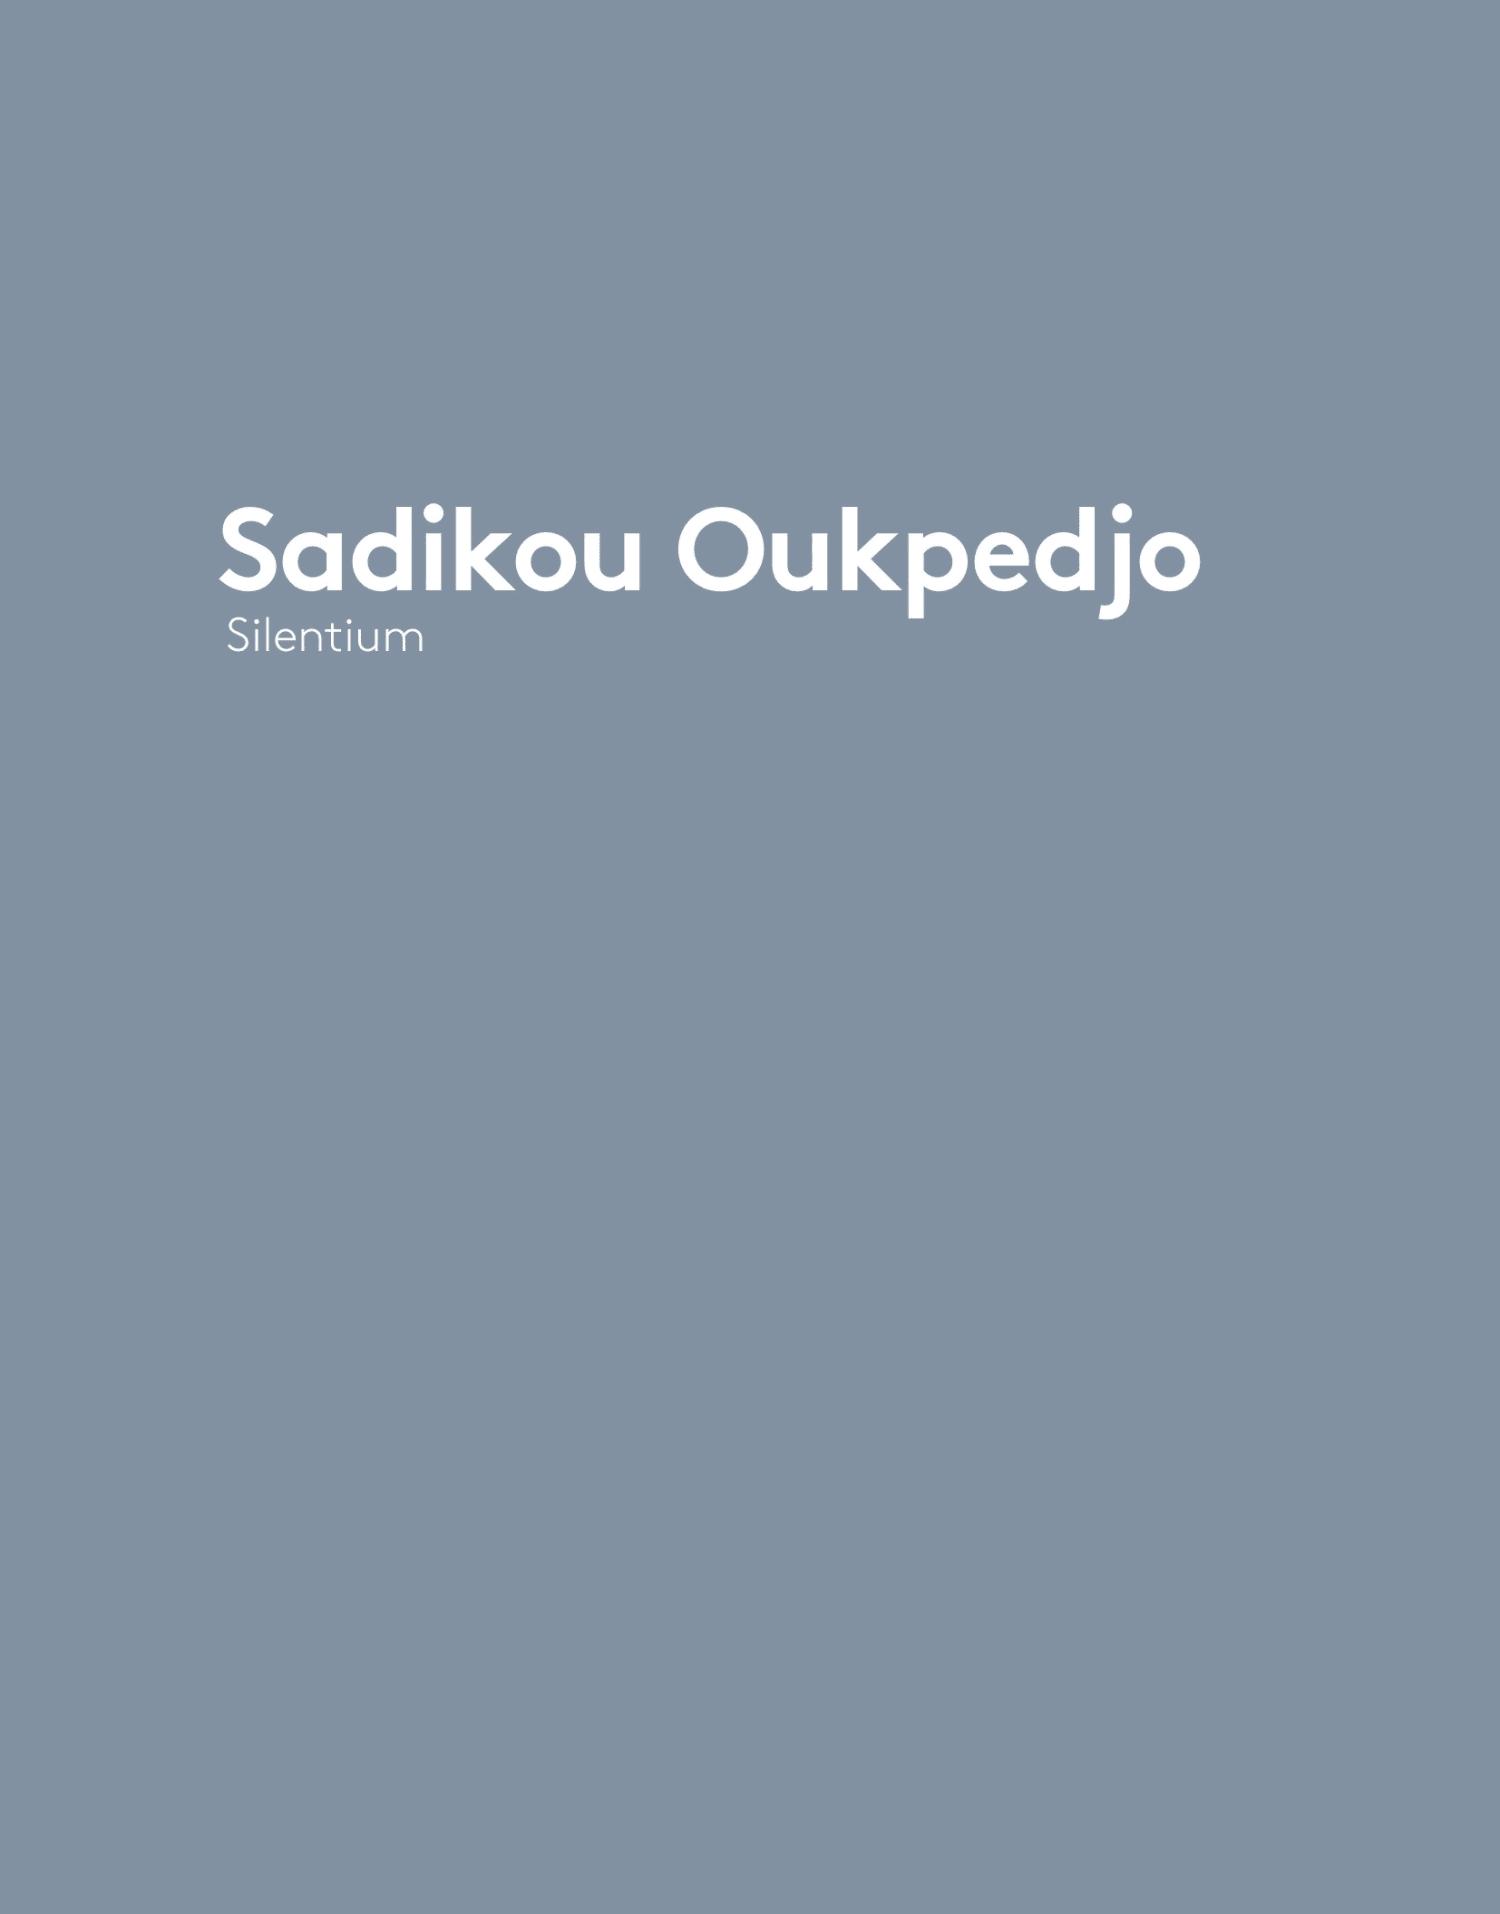 Sadikou Oukpedjo - Silentium